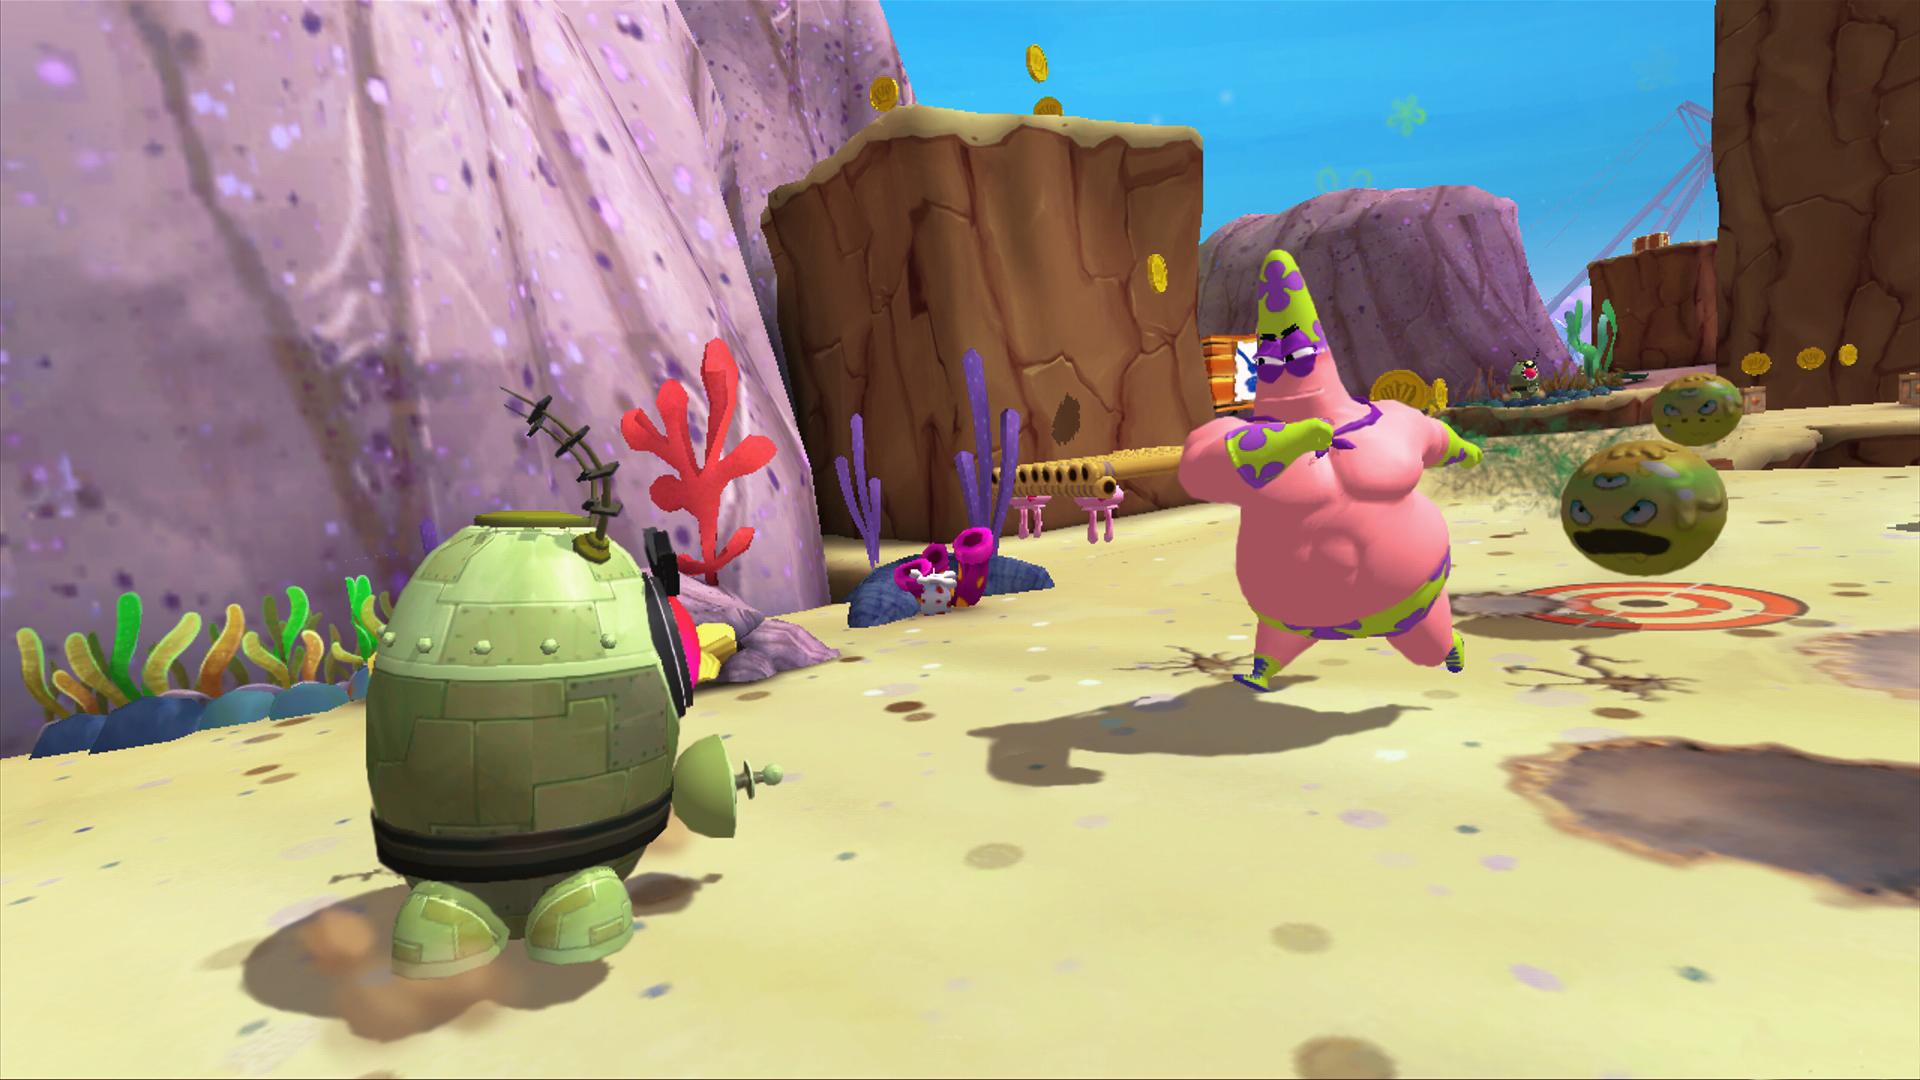 Time For SpongeBob To Shine In SpongeBob HeroPants